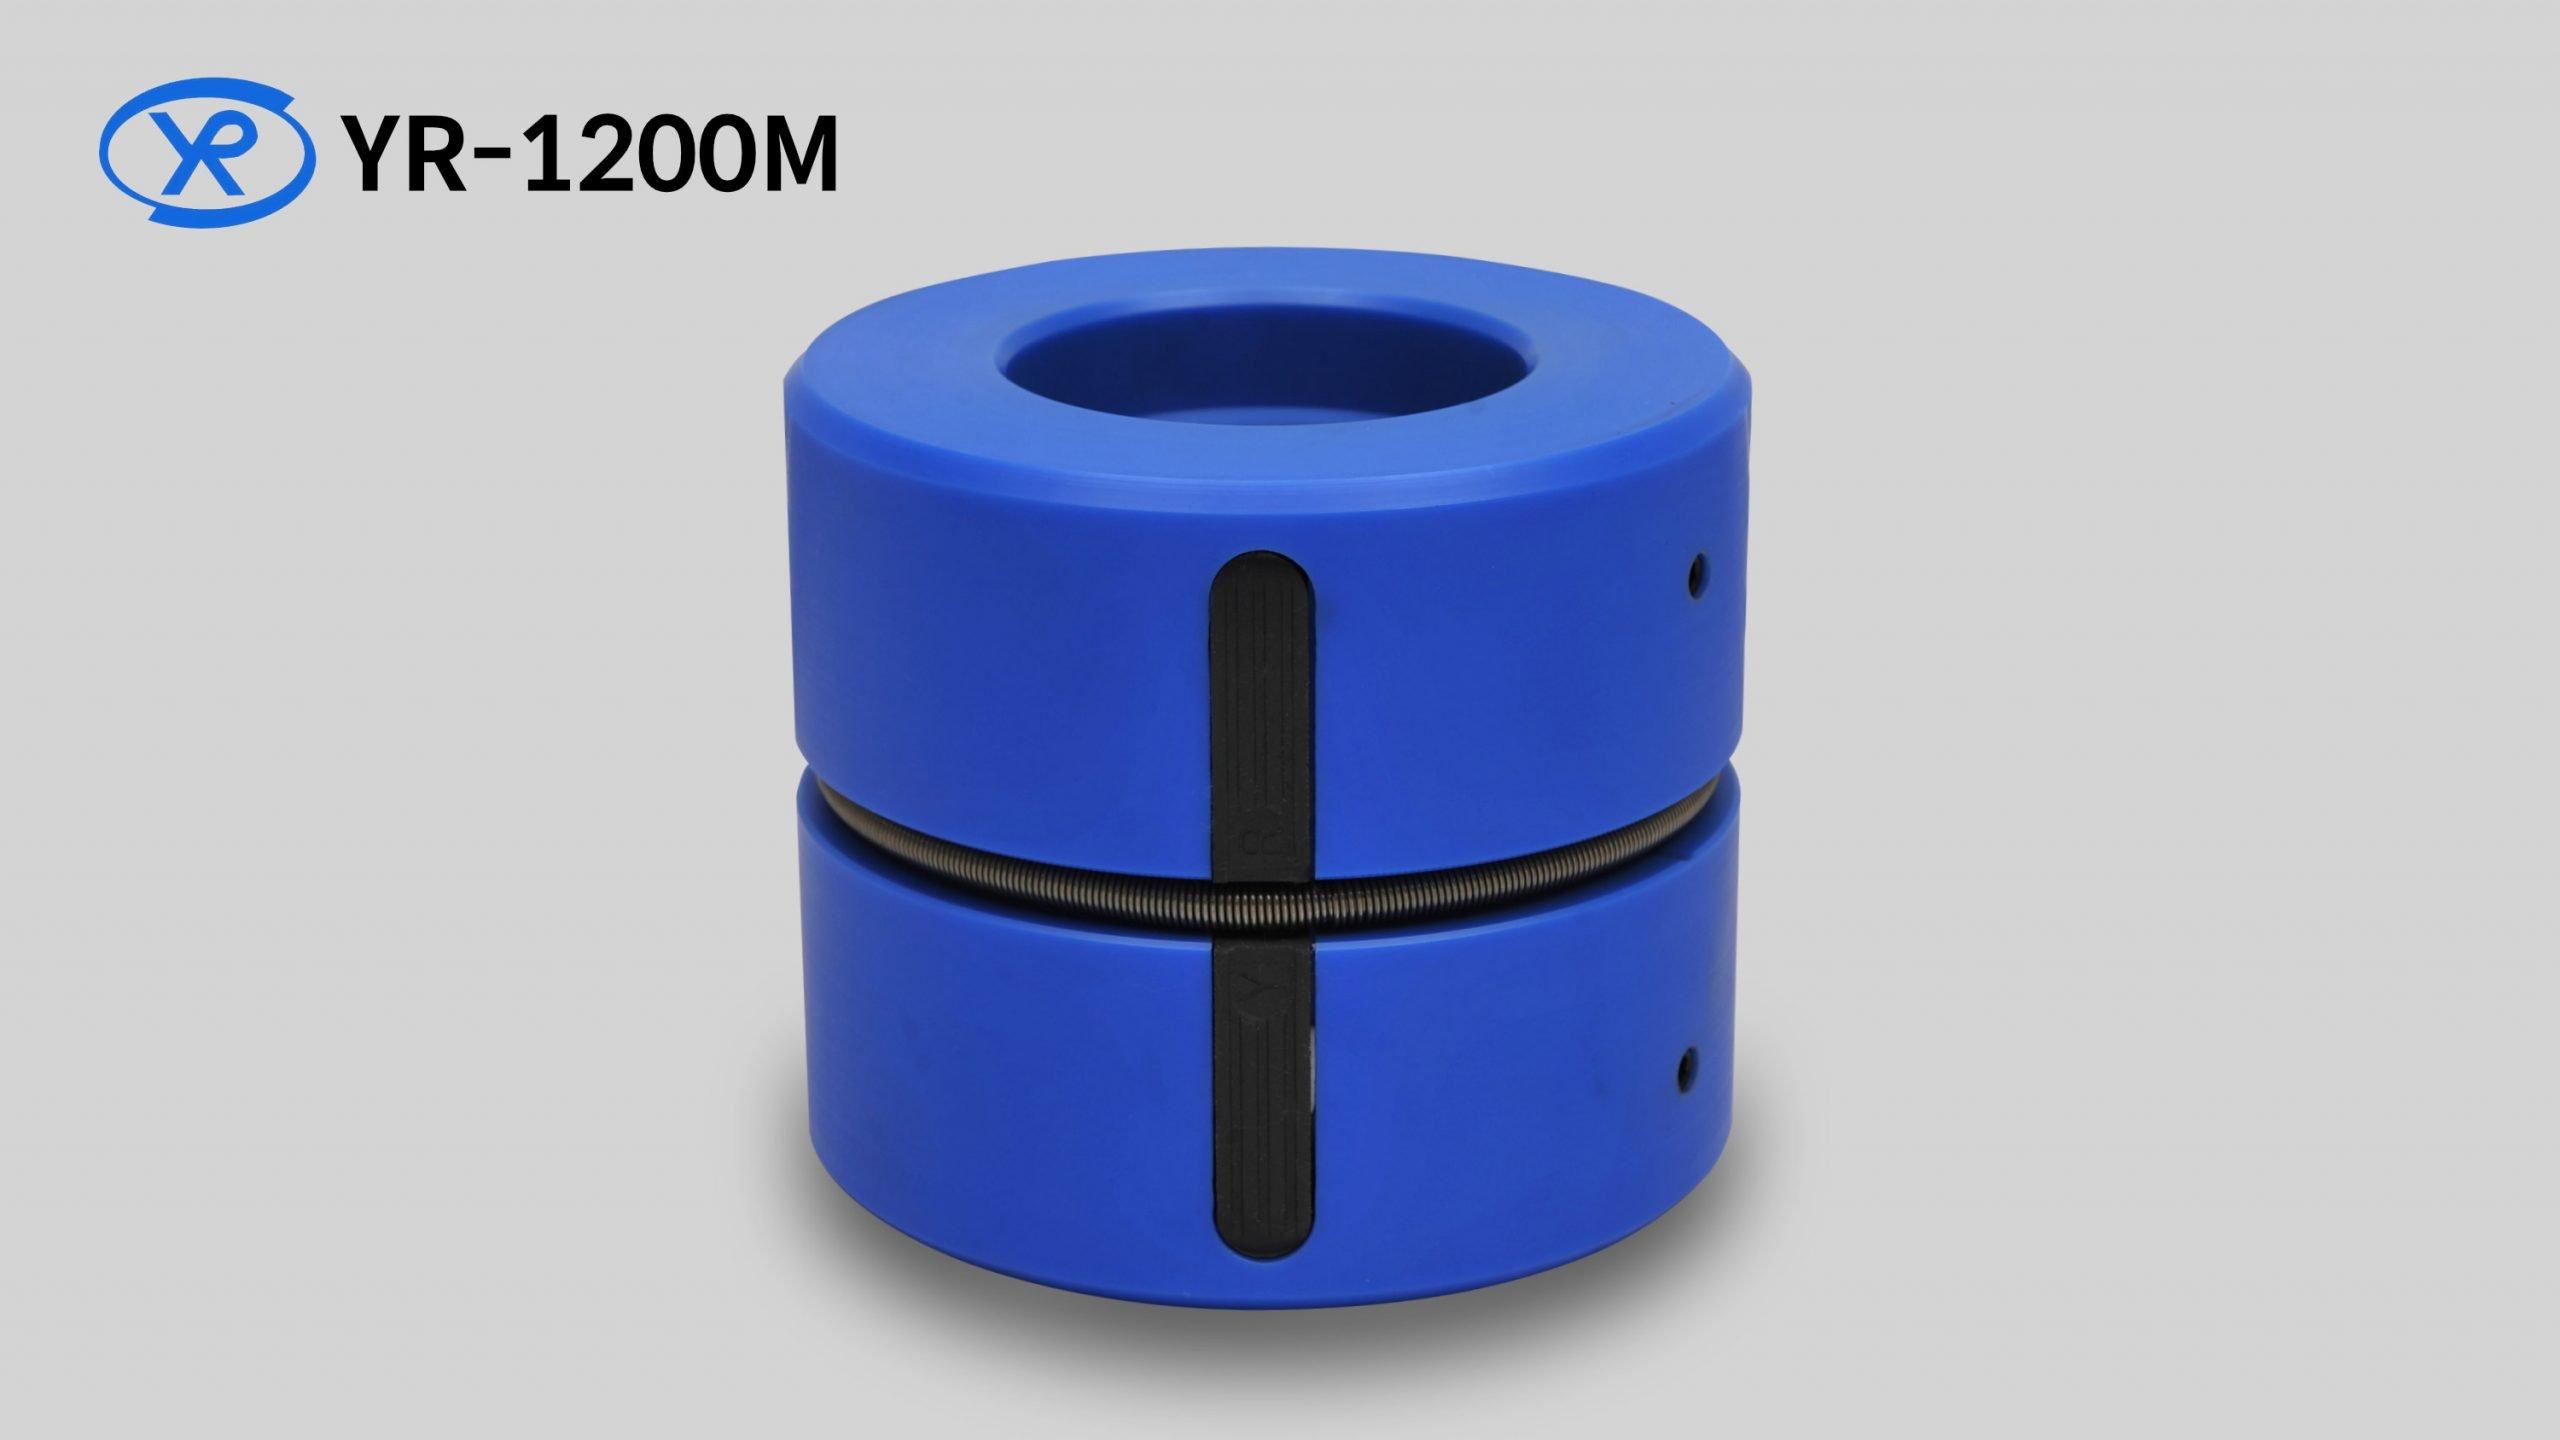 YR-1200M